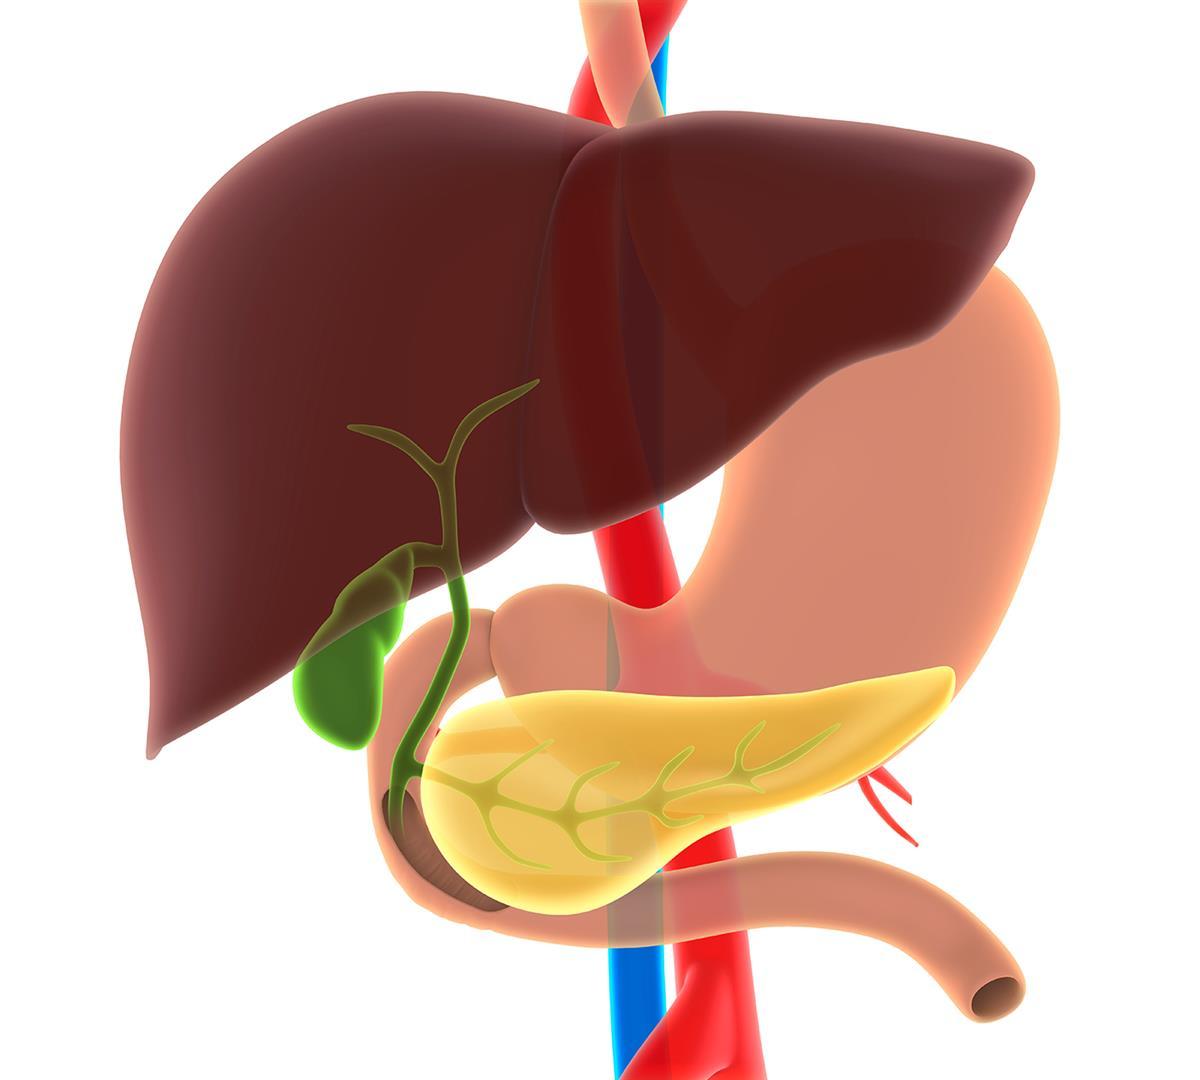 Čo odkrývajú ťažkosti s pankreasom a pečeňou